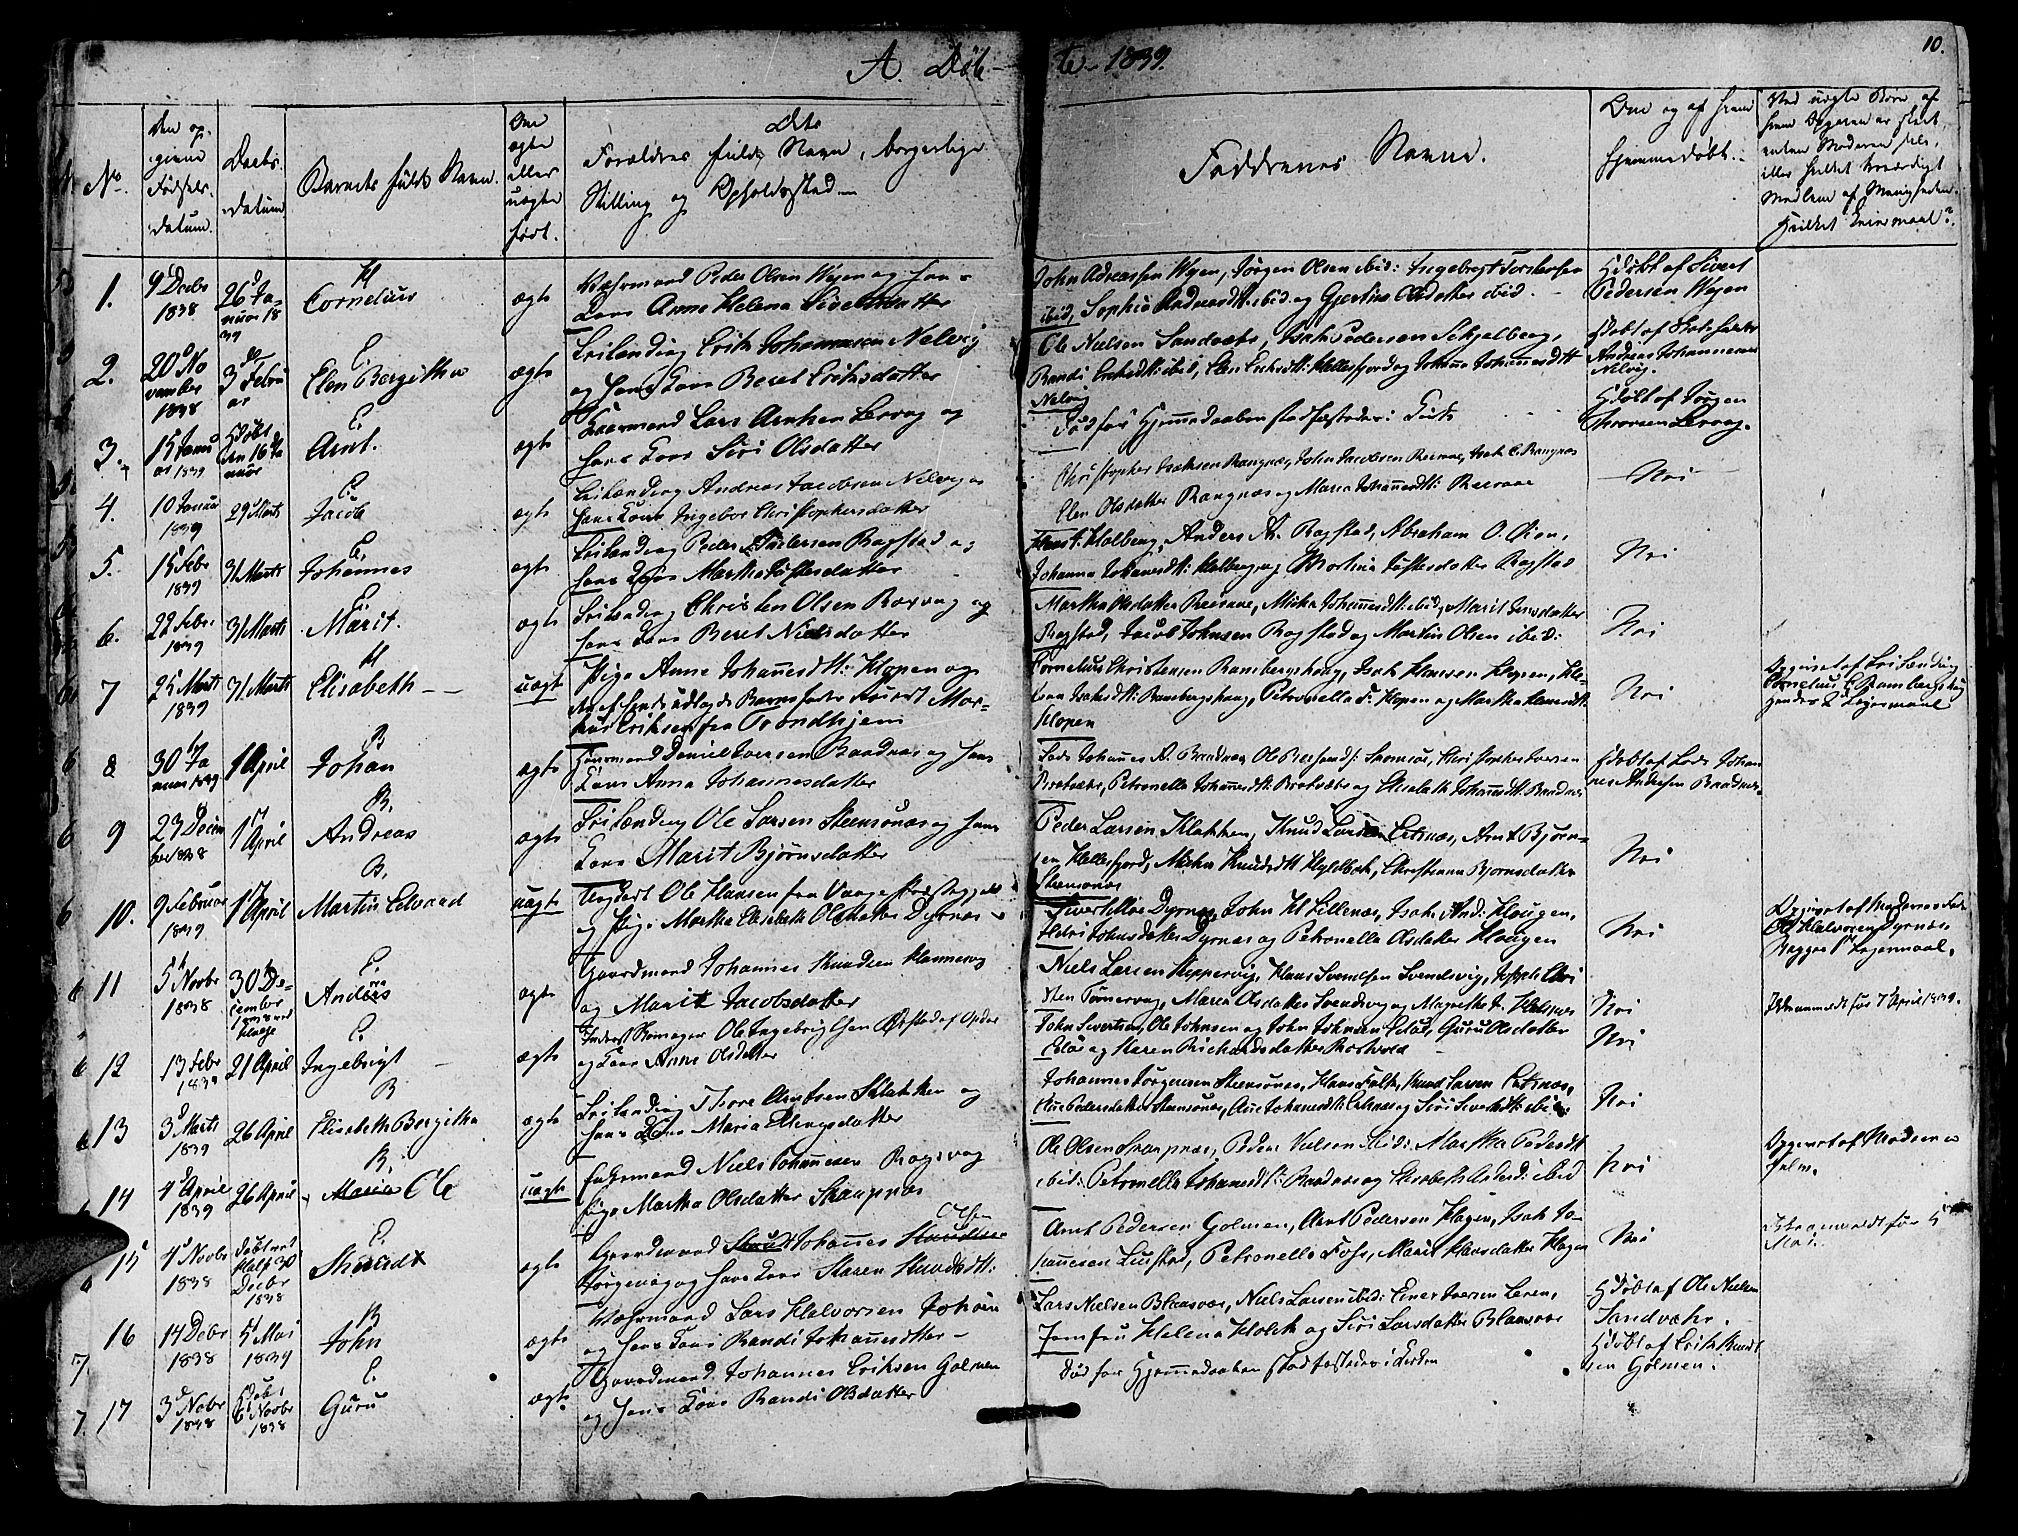 SAT, Ministerialprotokoller, klokkerbøker og fødselsregistre - Møre og Romsdal, 581/L0936: Ministerialbok nr. 581A04, 1836-1852, s. 10